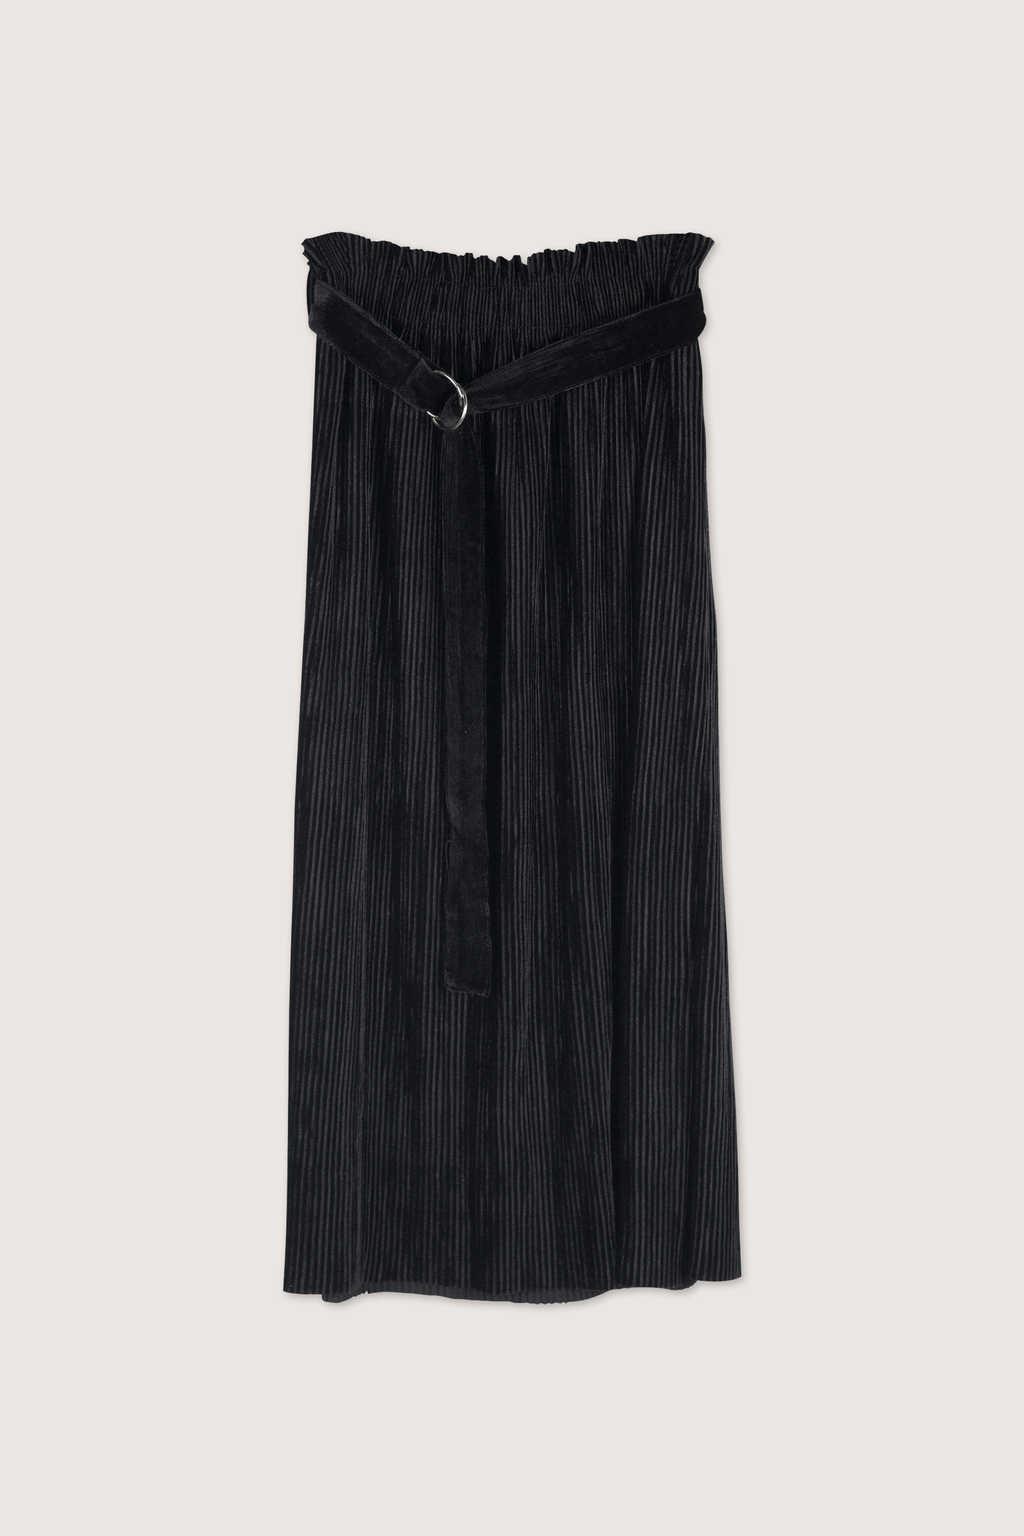 Skirt H141 Black 5